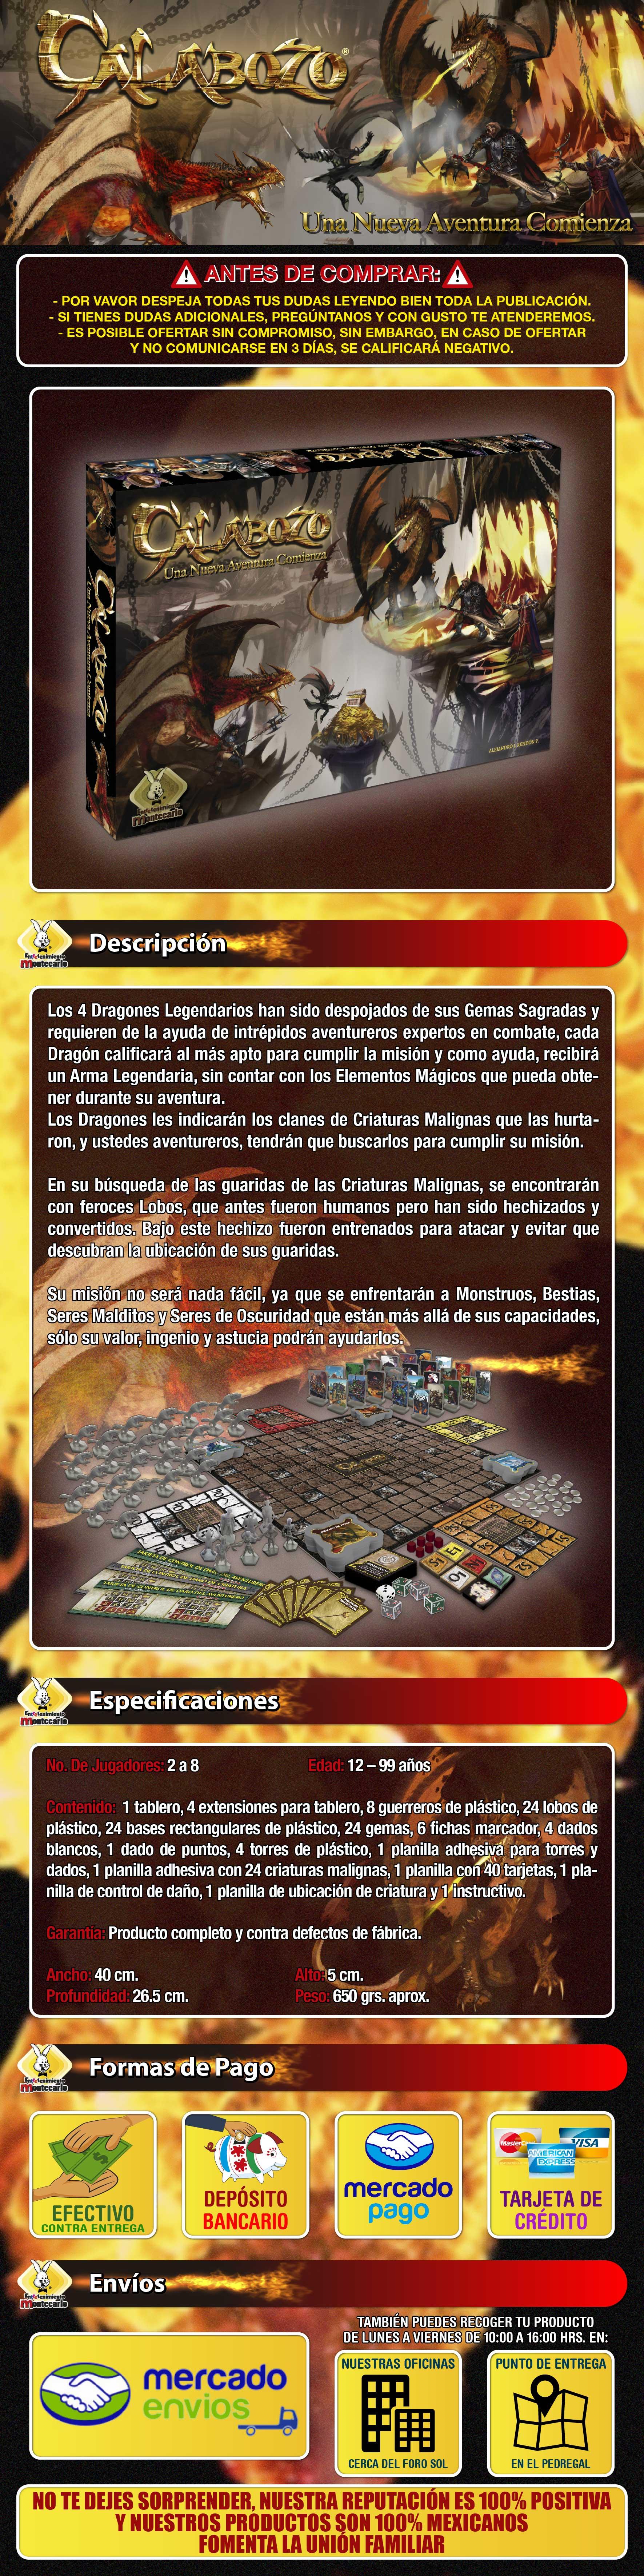 Calabozo: Una Nueva Aventura Comienza de Montecarlo